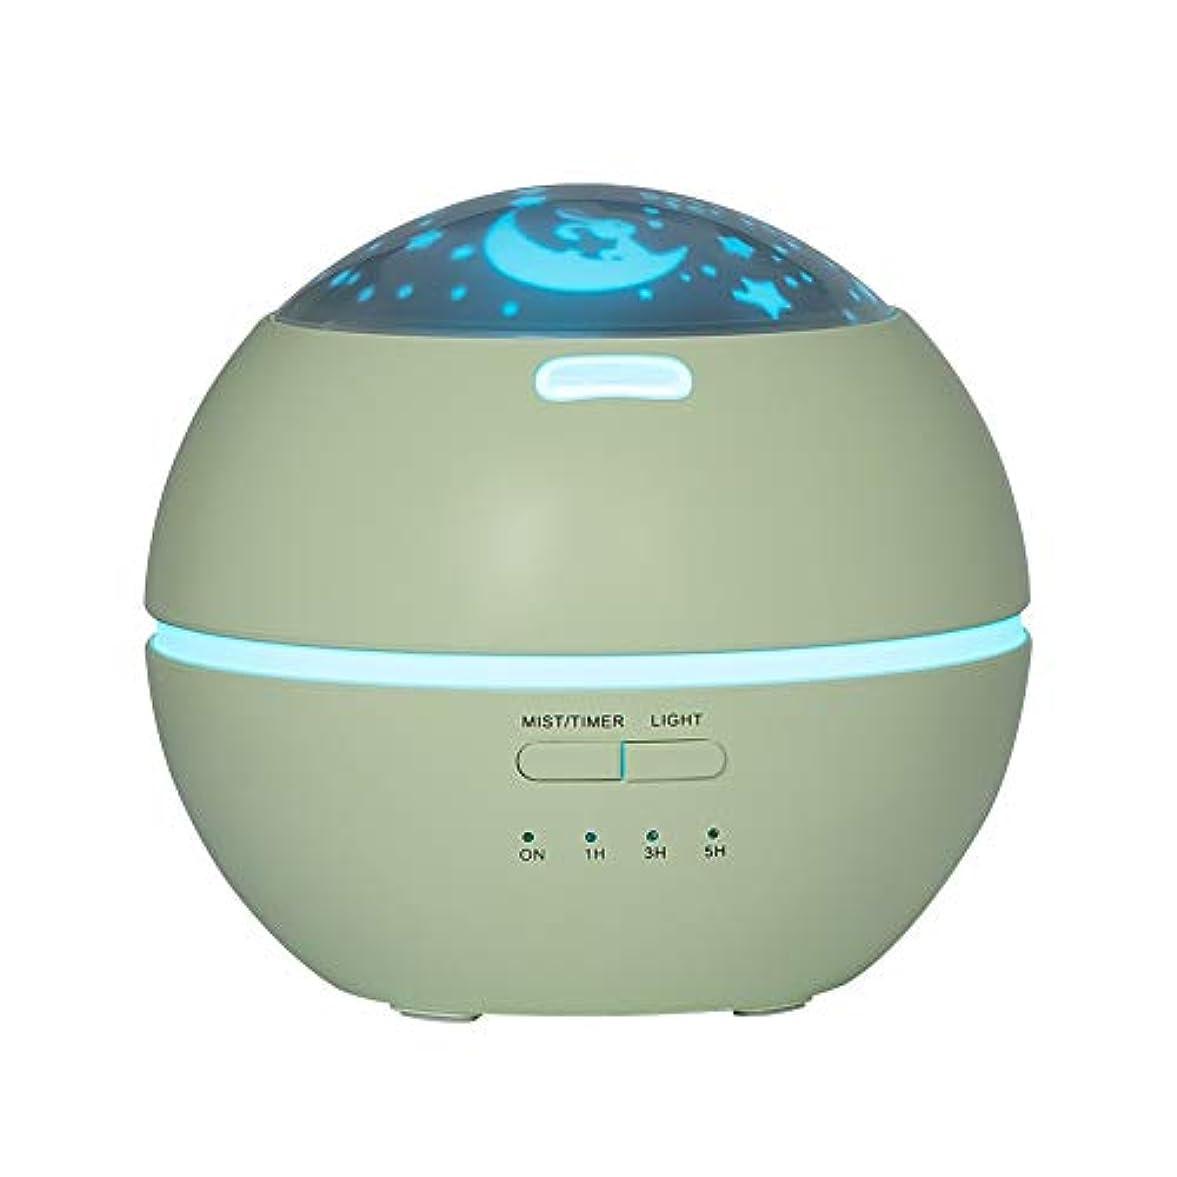 ベックス陸軍オンスLIBESON 加湿器 卓上 超音波式 アロマディフューザー 8色LEDライト変換 超静音 ミス調整可能 時間設定タイマー機能付き 空焚き防止機能搭載 アロマ加湿器 ホワイト150mL (グリーン)